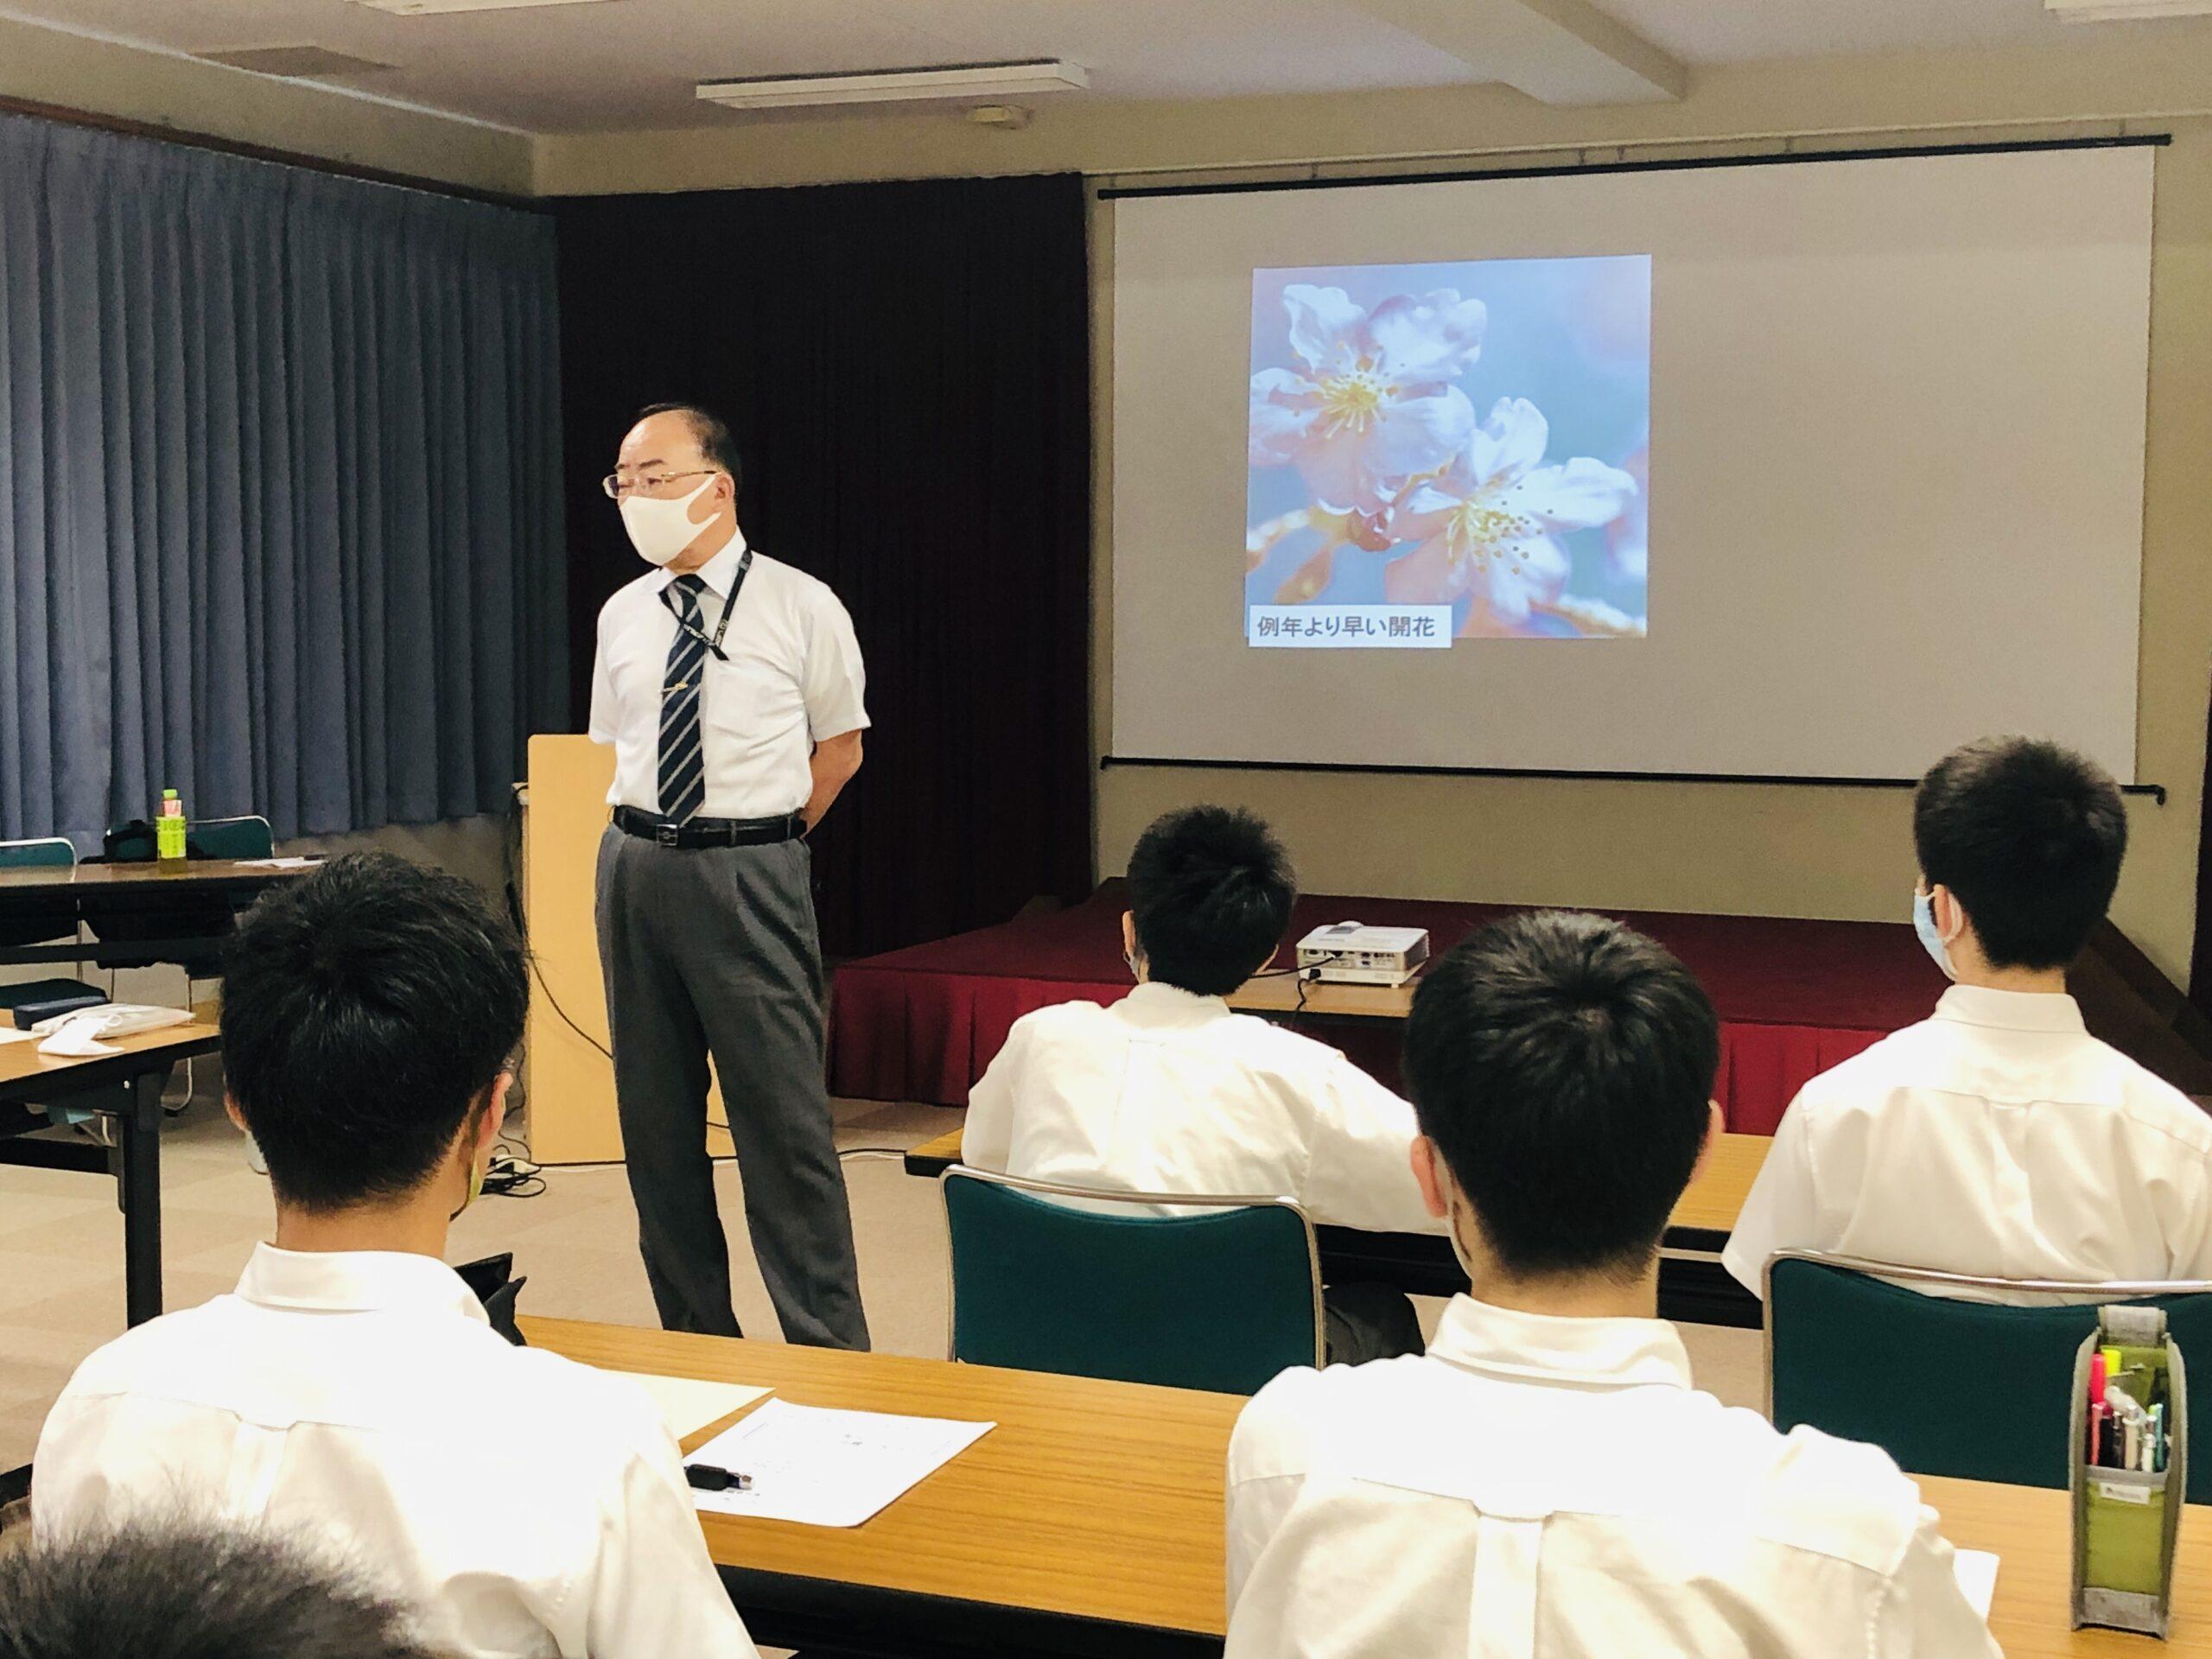 高1県消費生活センター出前講座『SDGs達成のための「エシカル消費」を学ぶ』